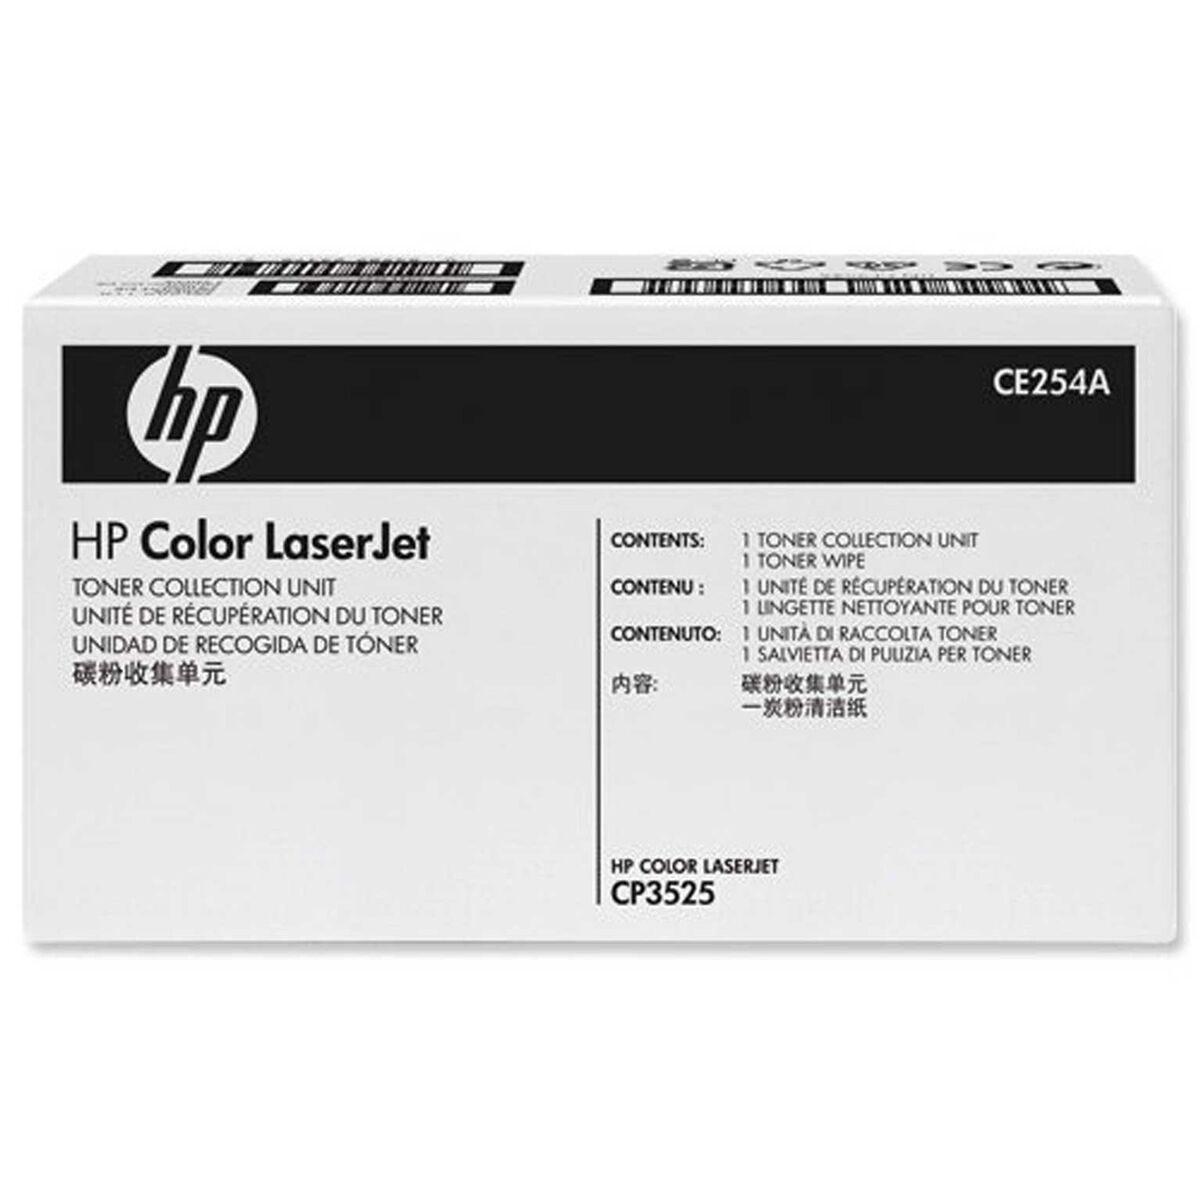 HP Toner Collection Unit CE254A